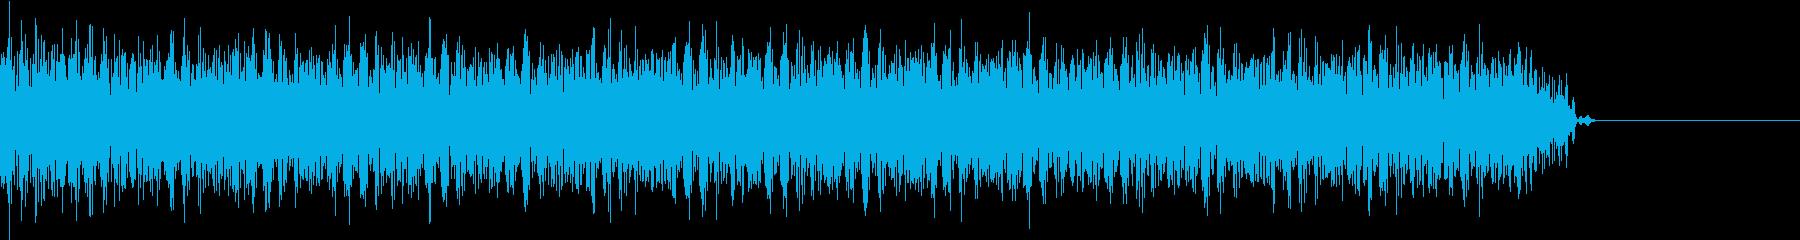 ゲーム、クイズ(ブー音)_014の再生済みの波形